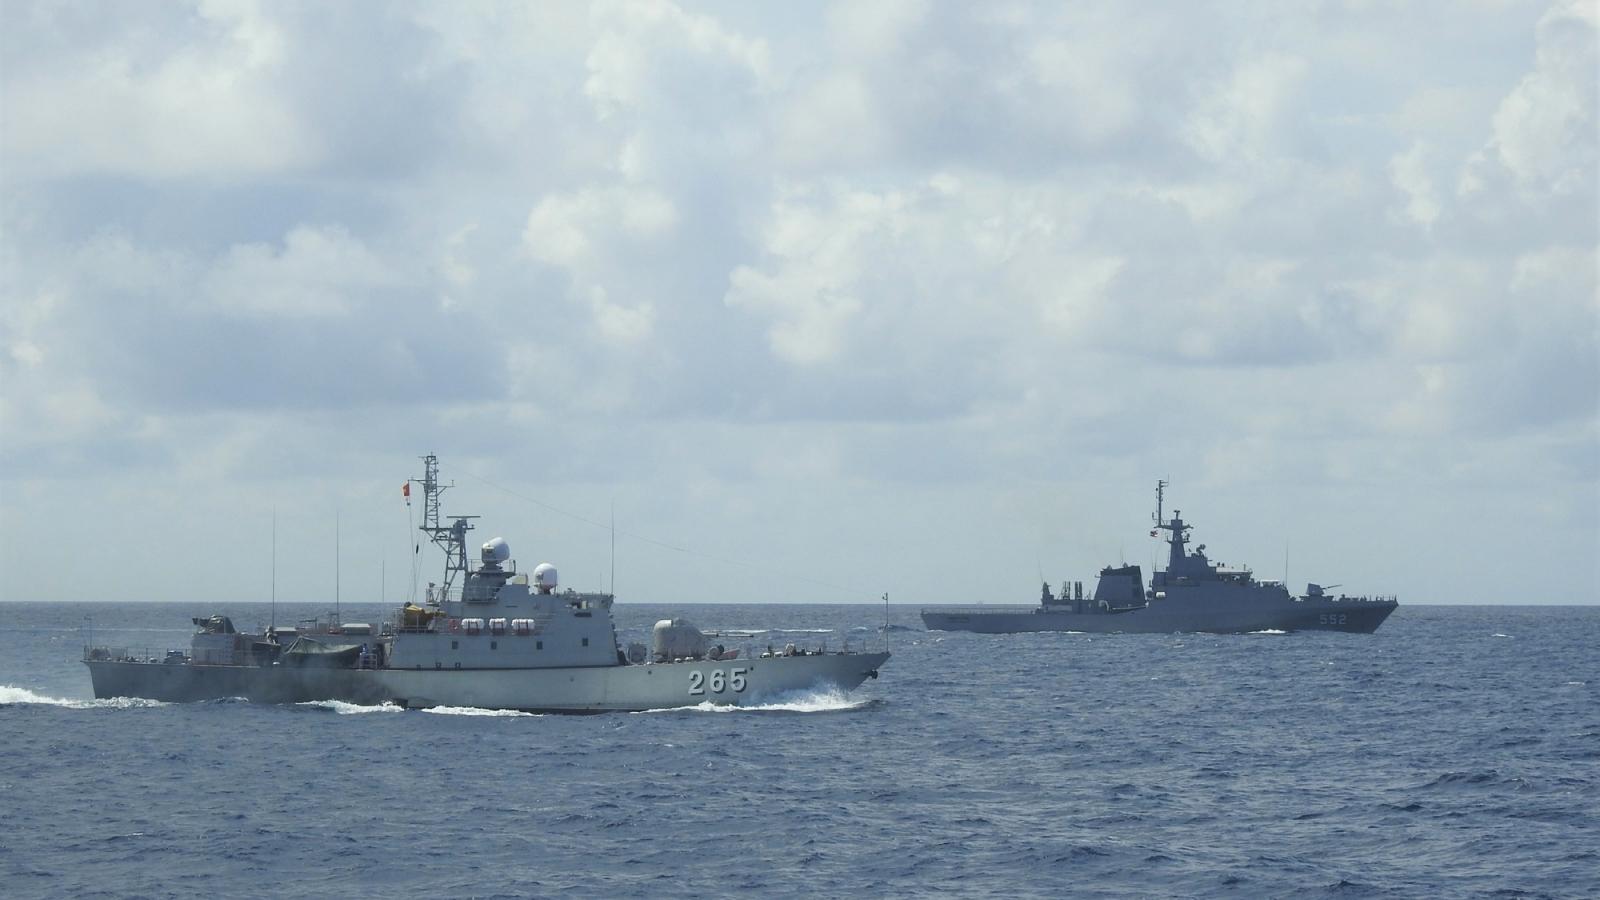 Hải quân Nhân dân Việt Nam và Hải quân Hoàng gia Thái Lan tuần tra chung lần thứ 42